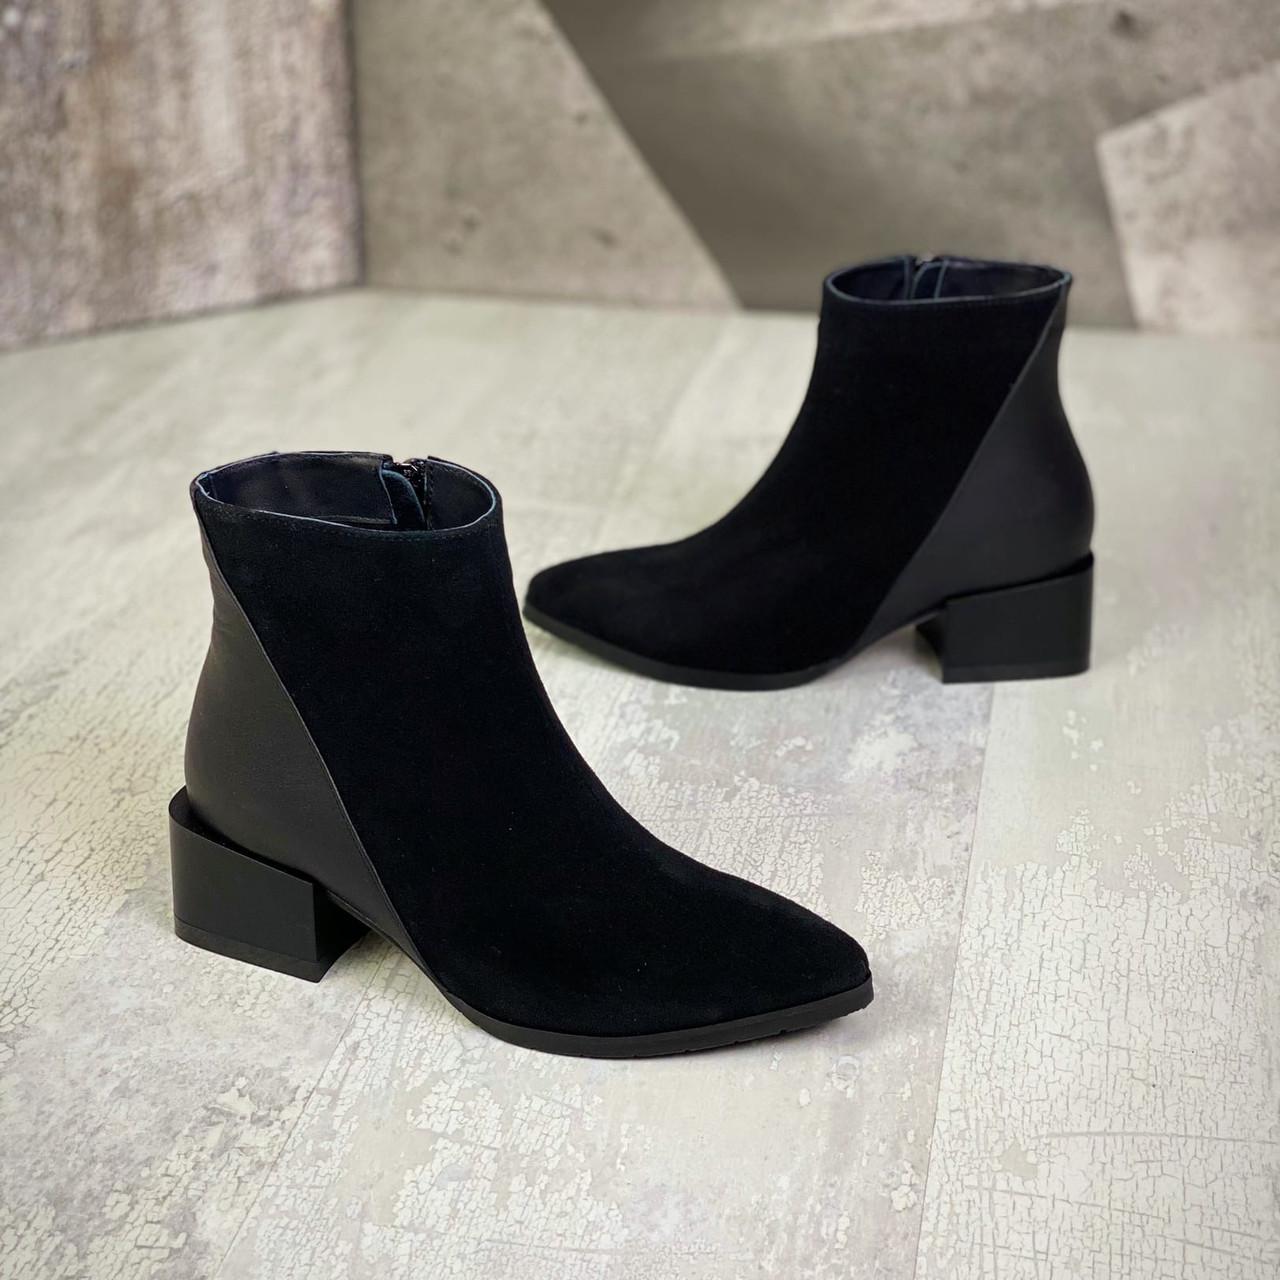 Женские замшевые демисезонные ботинки на мини каблуке 36-40 р чёрный